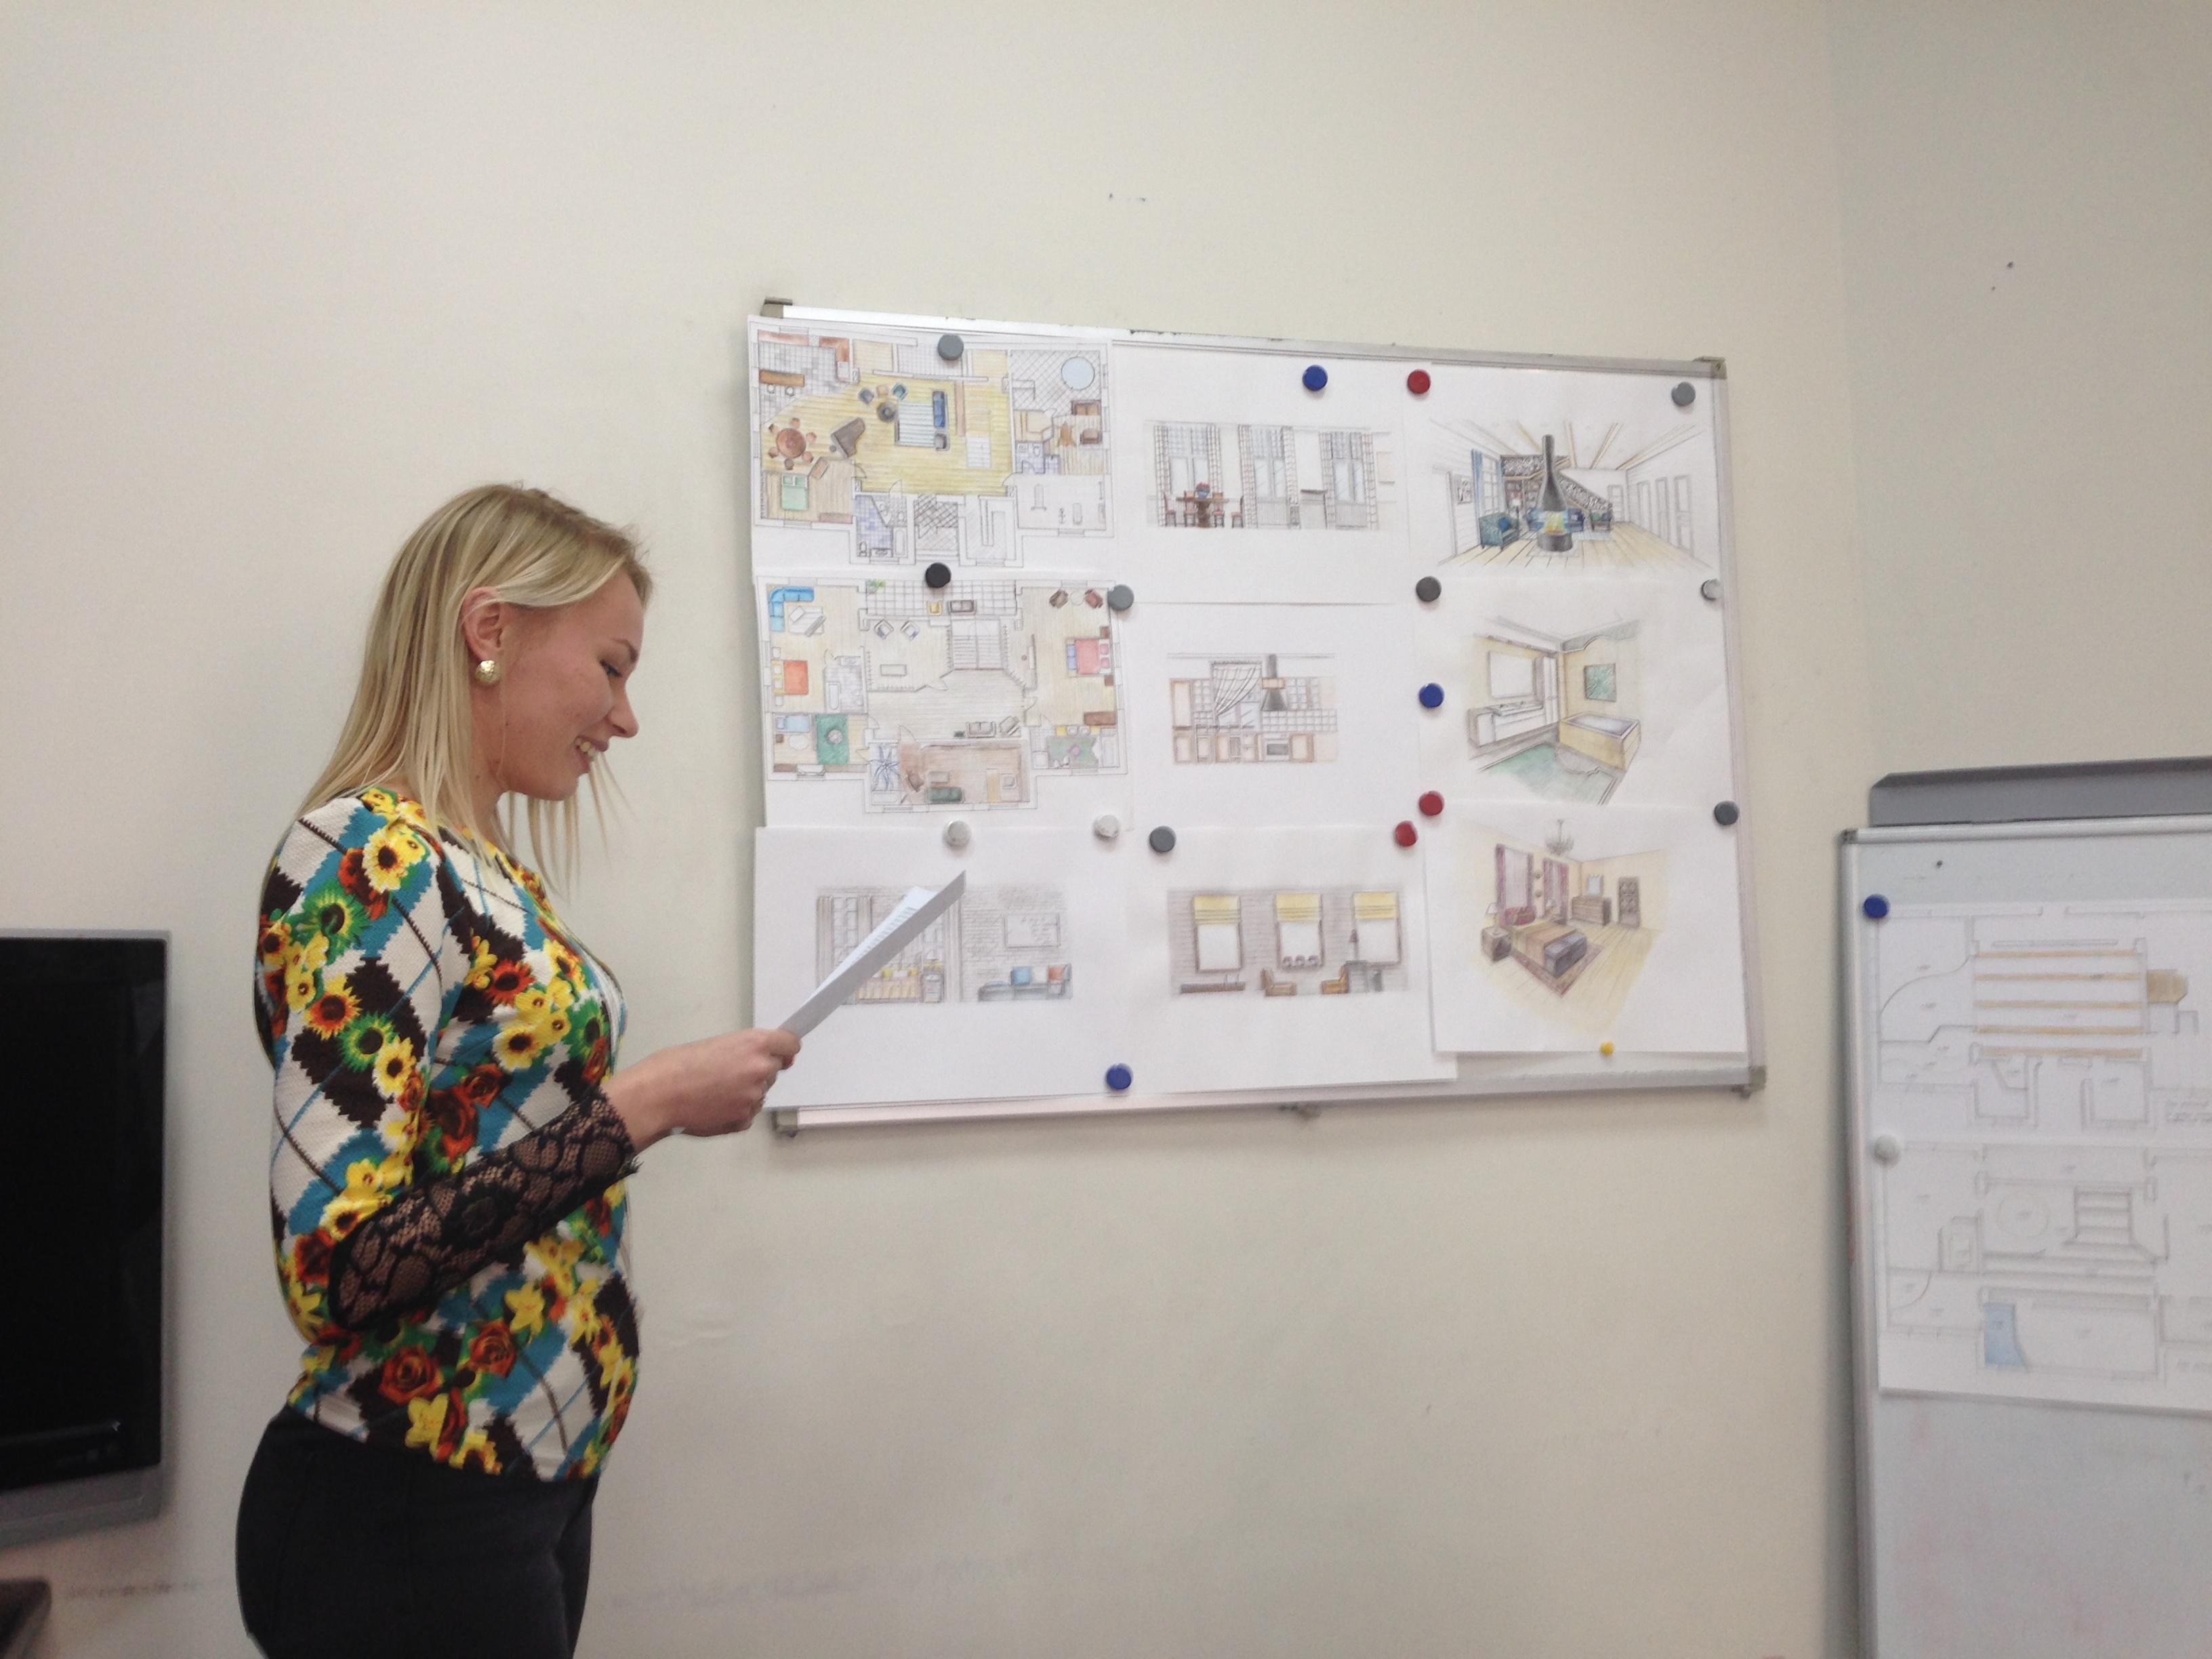 Обучение графическому дизайну в москве заочно